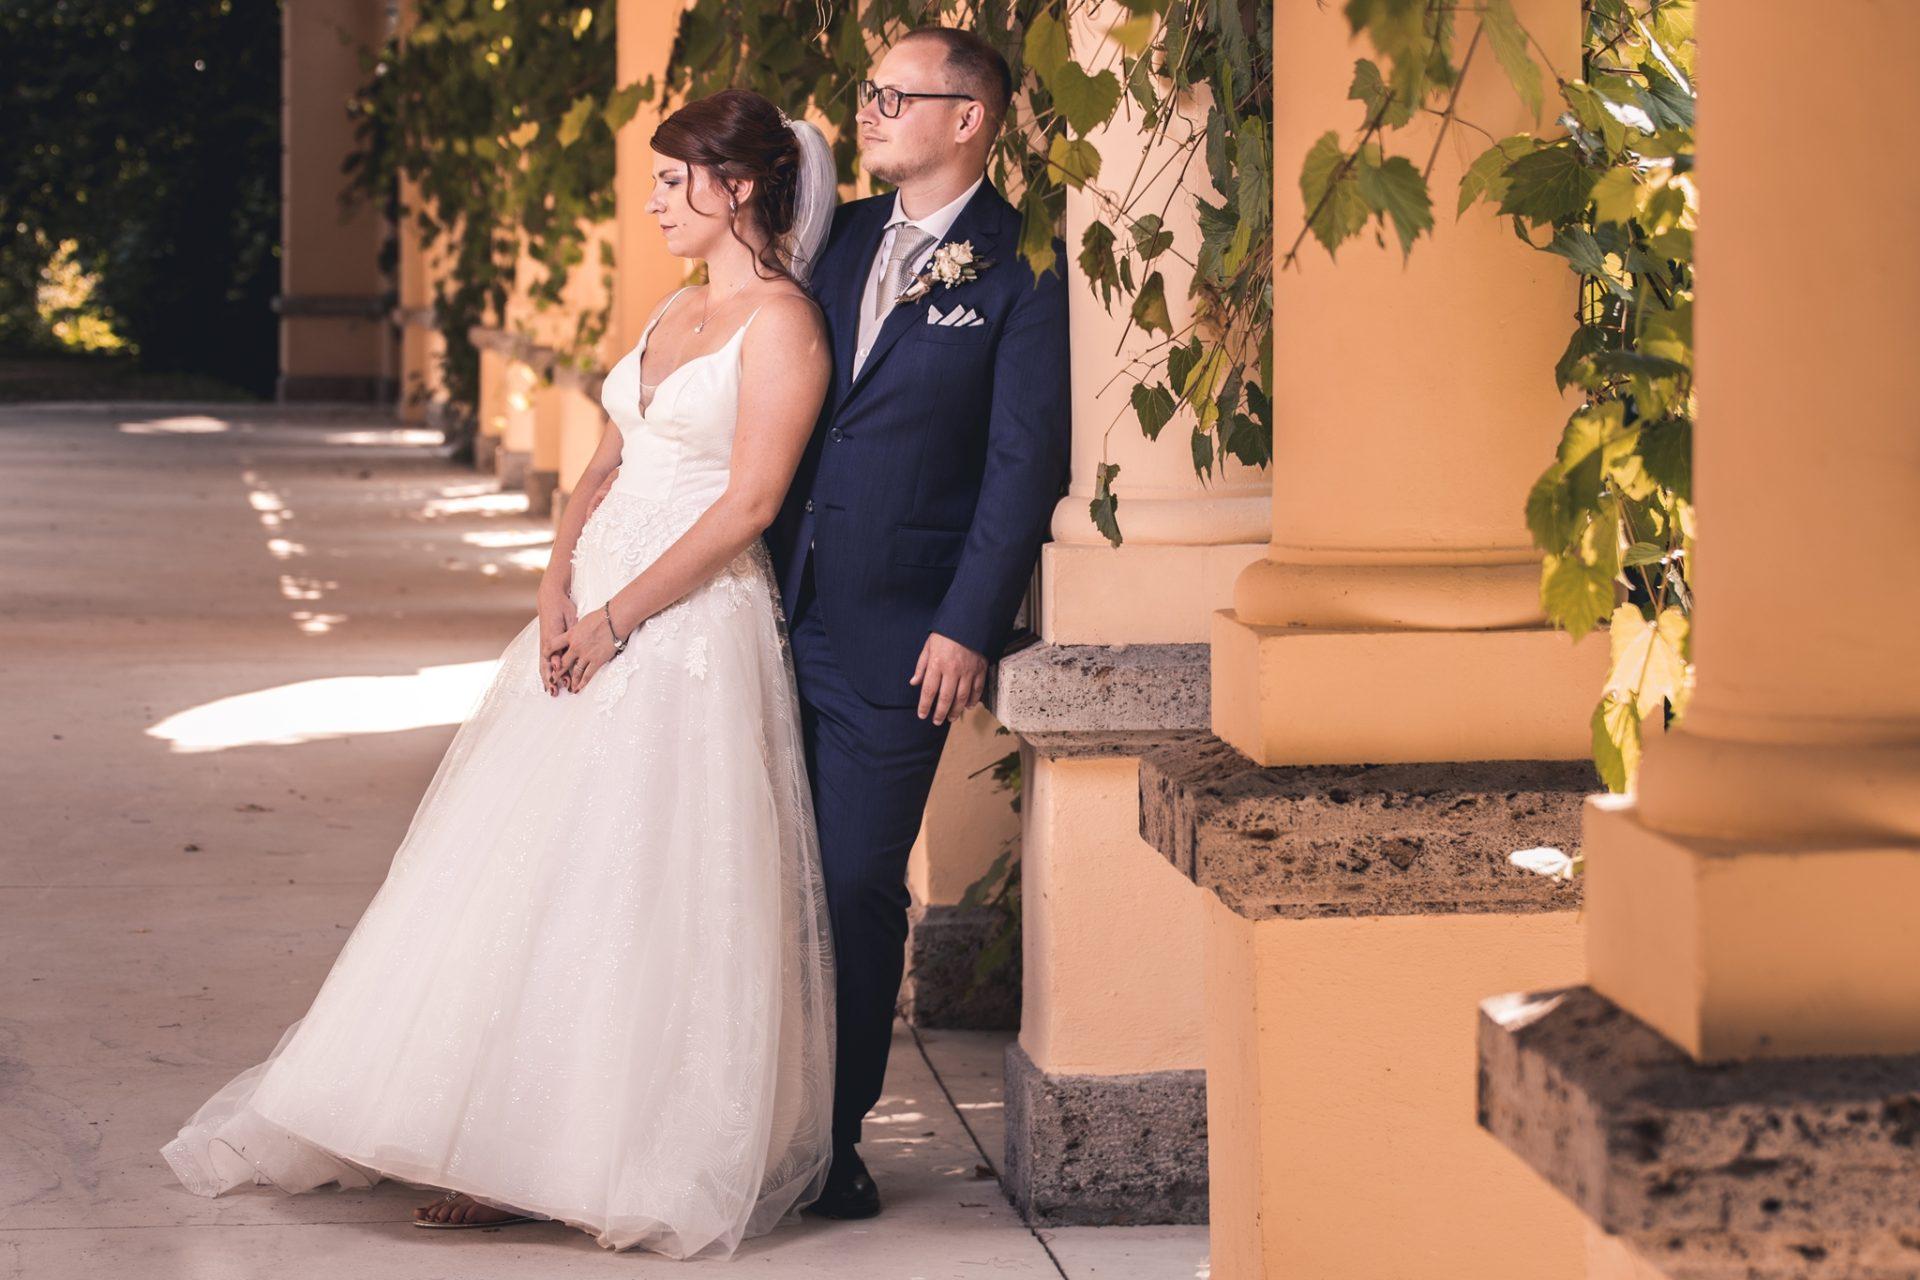 Hochzeitsfotografie in Rothenburg ob der Tauber